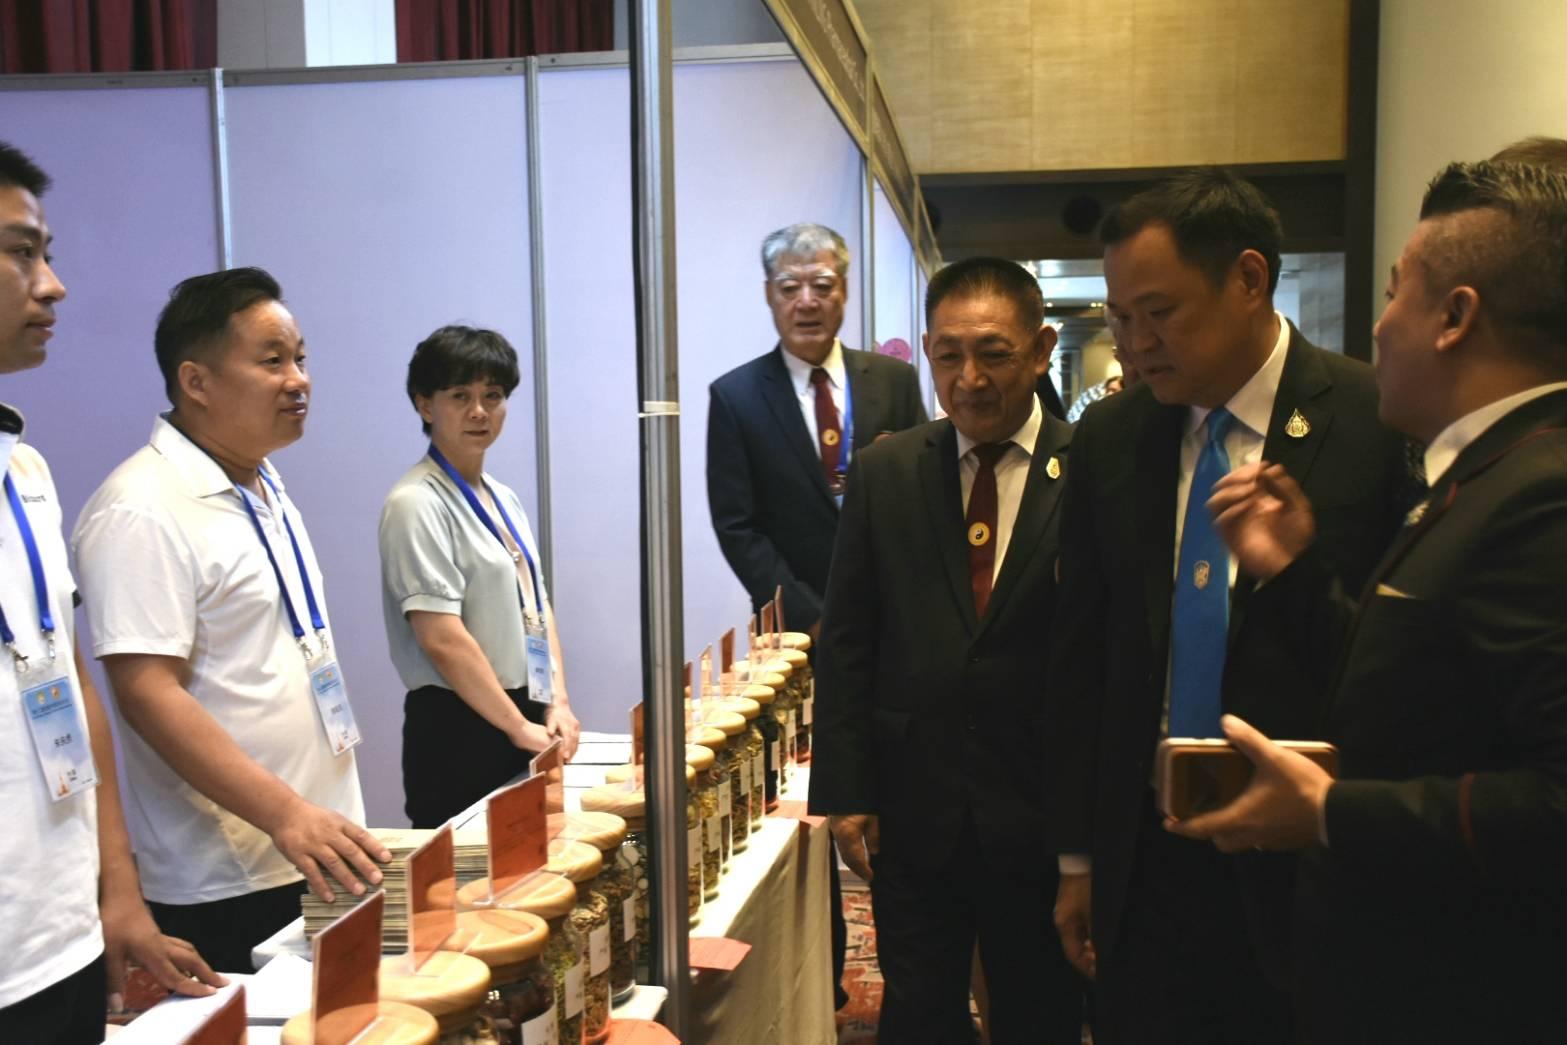 """""""อนุทิน"""" เผยจีนเล็งตั้งโรงงานผลิตยา-อาหารจากสมุนไพรจีน สร้างงาน สร้างรายได้คนไทย"""